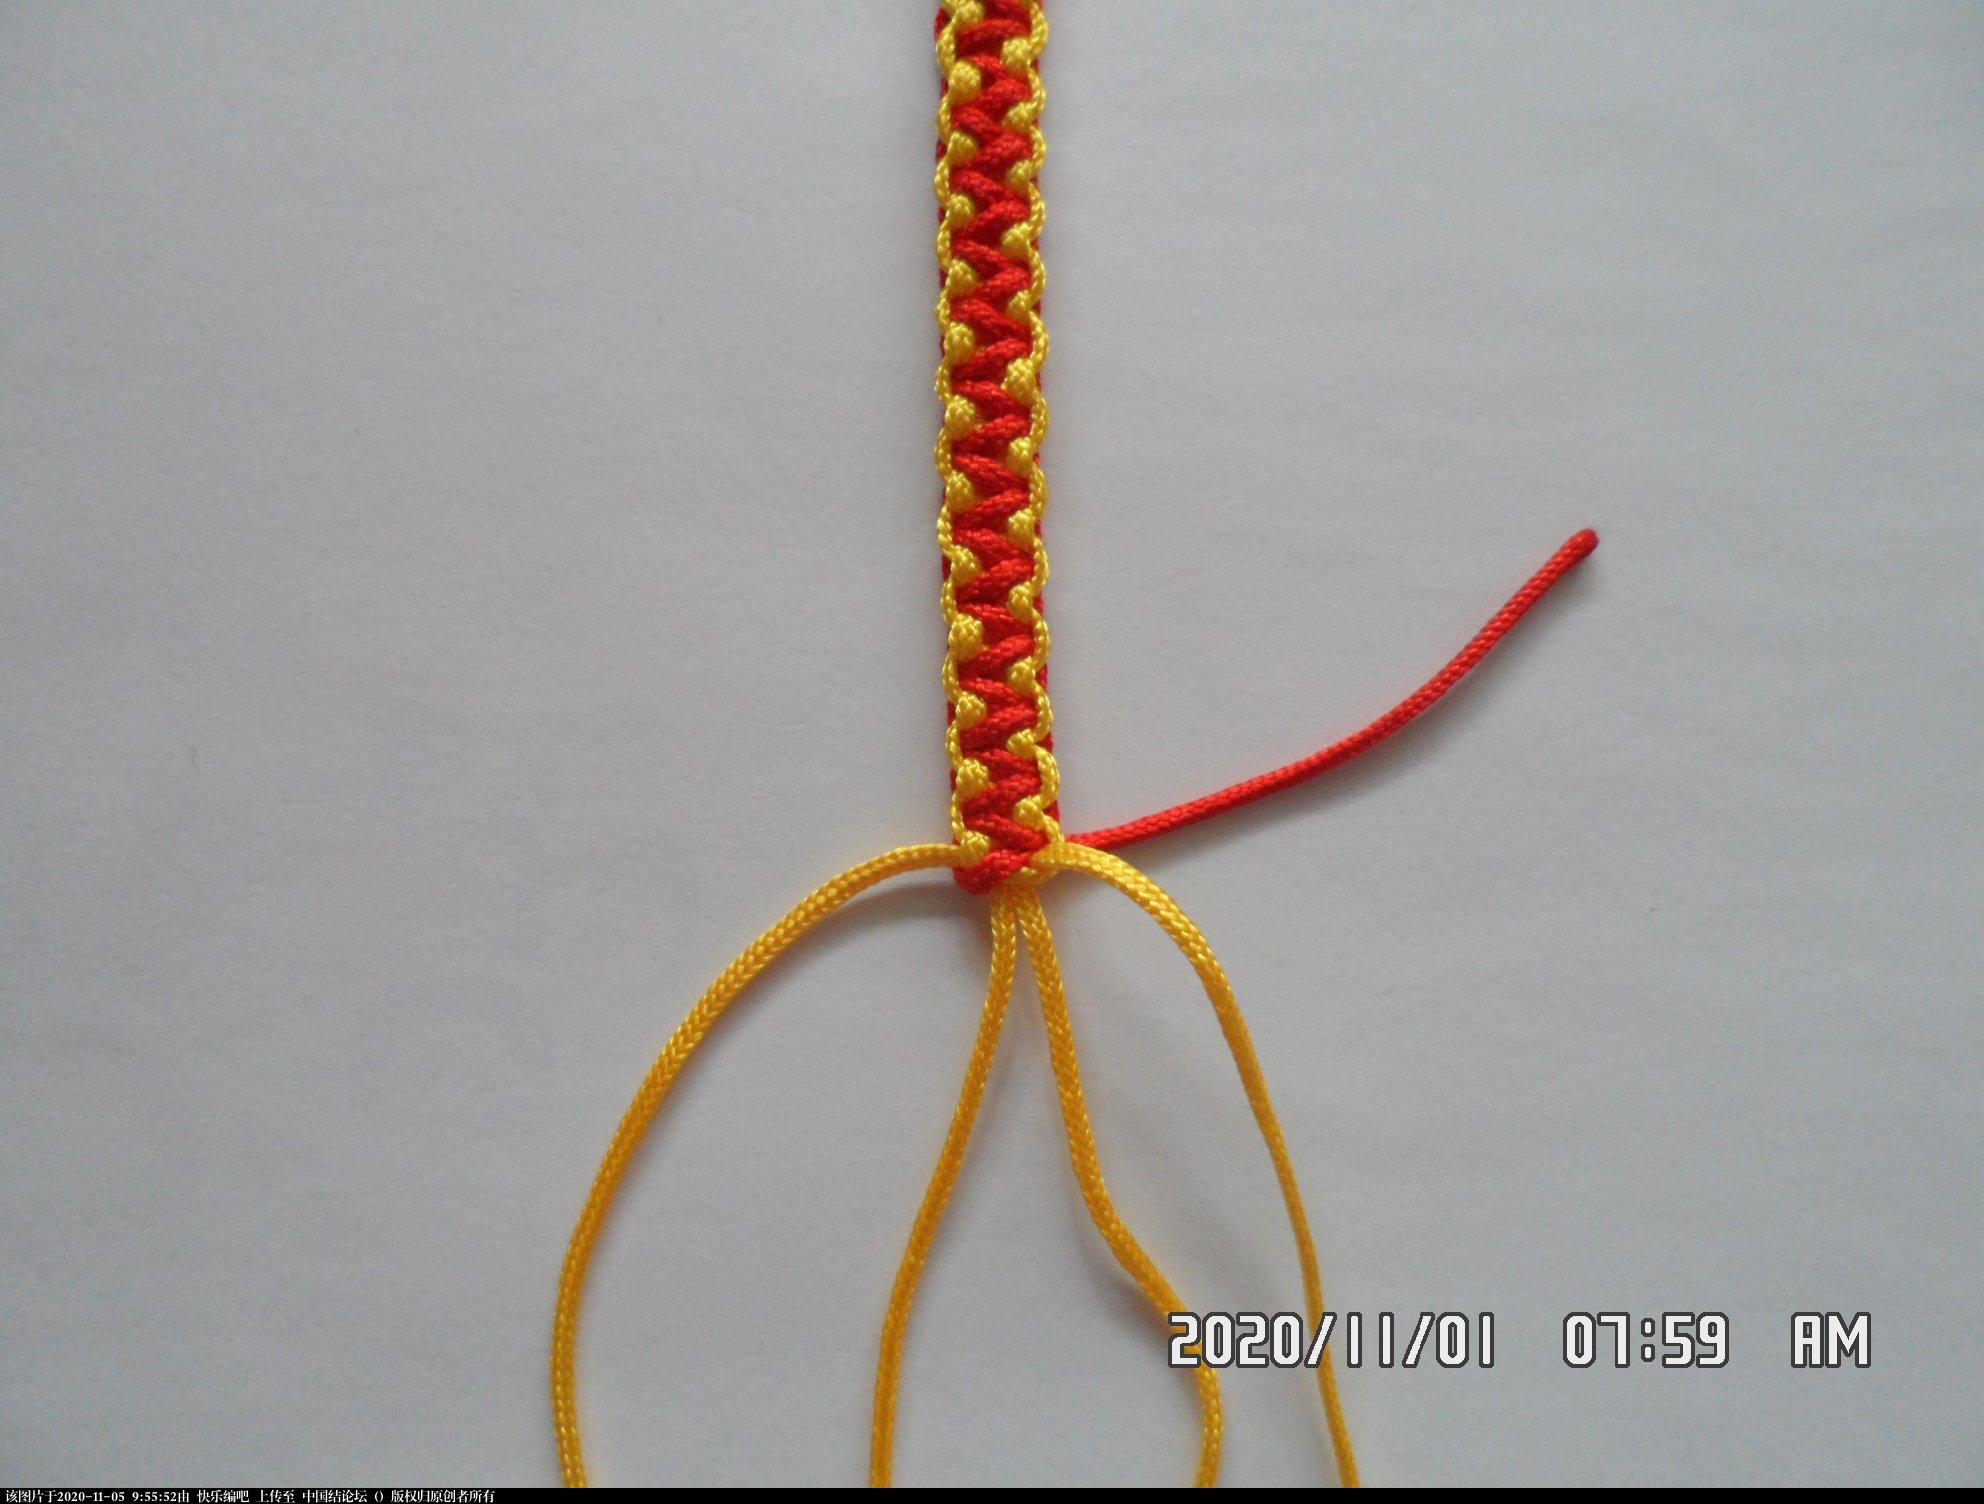 中国结论坛 一款添加装饰线的平结手绳 —— 平结还可以这样编(4) 平结,平结的链,手链,中国结入门基础教程 图文教程区 092159zlpplzllbb4y5b28